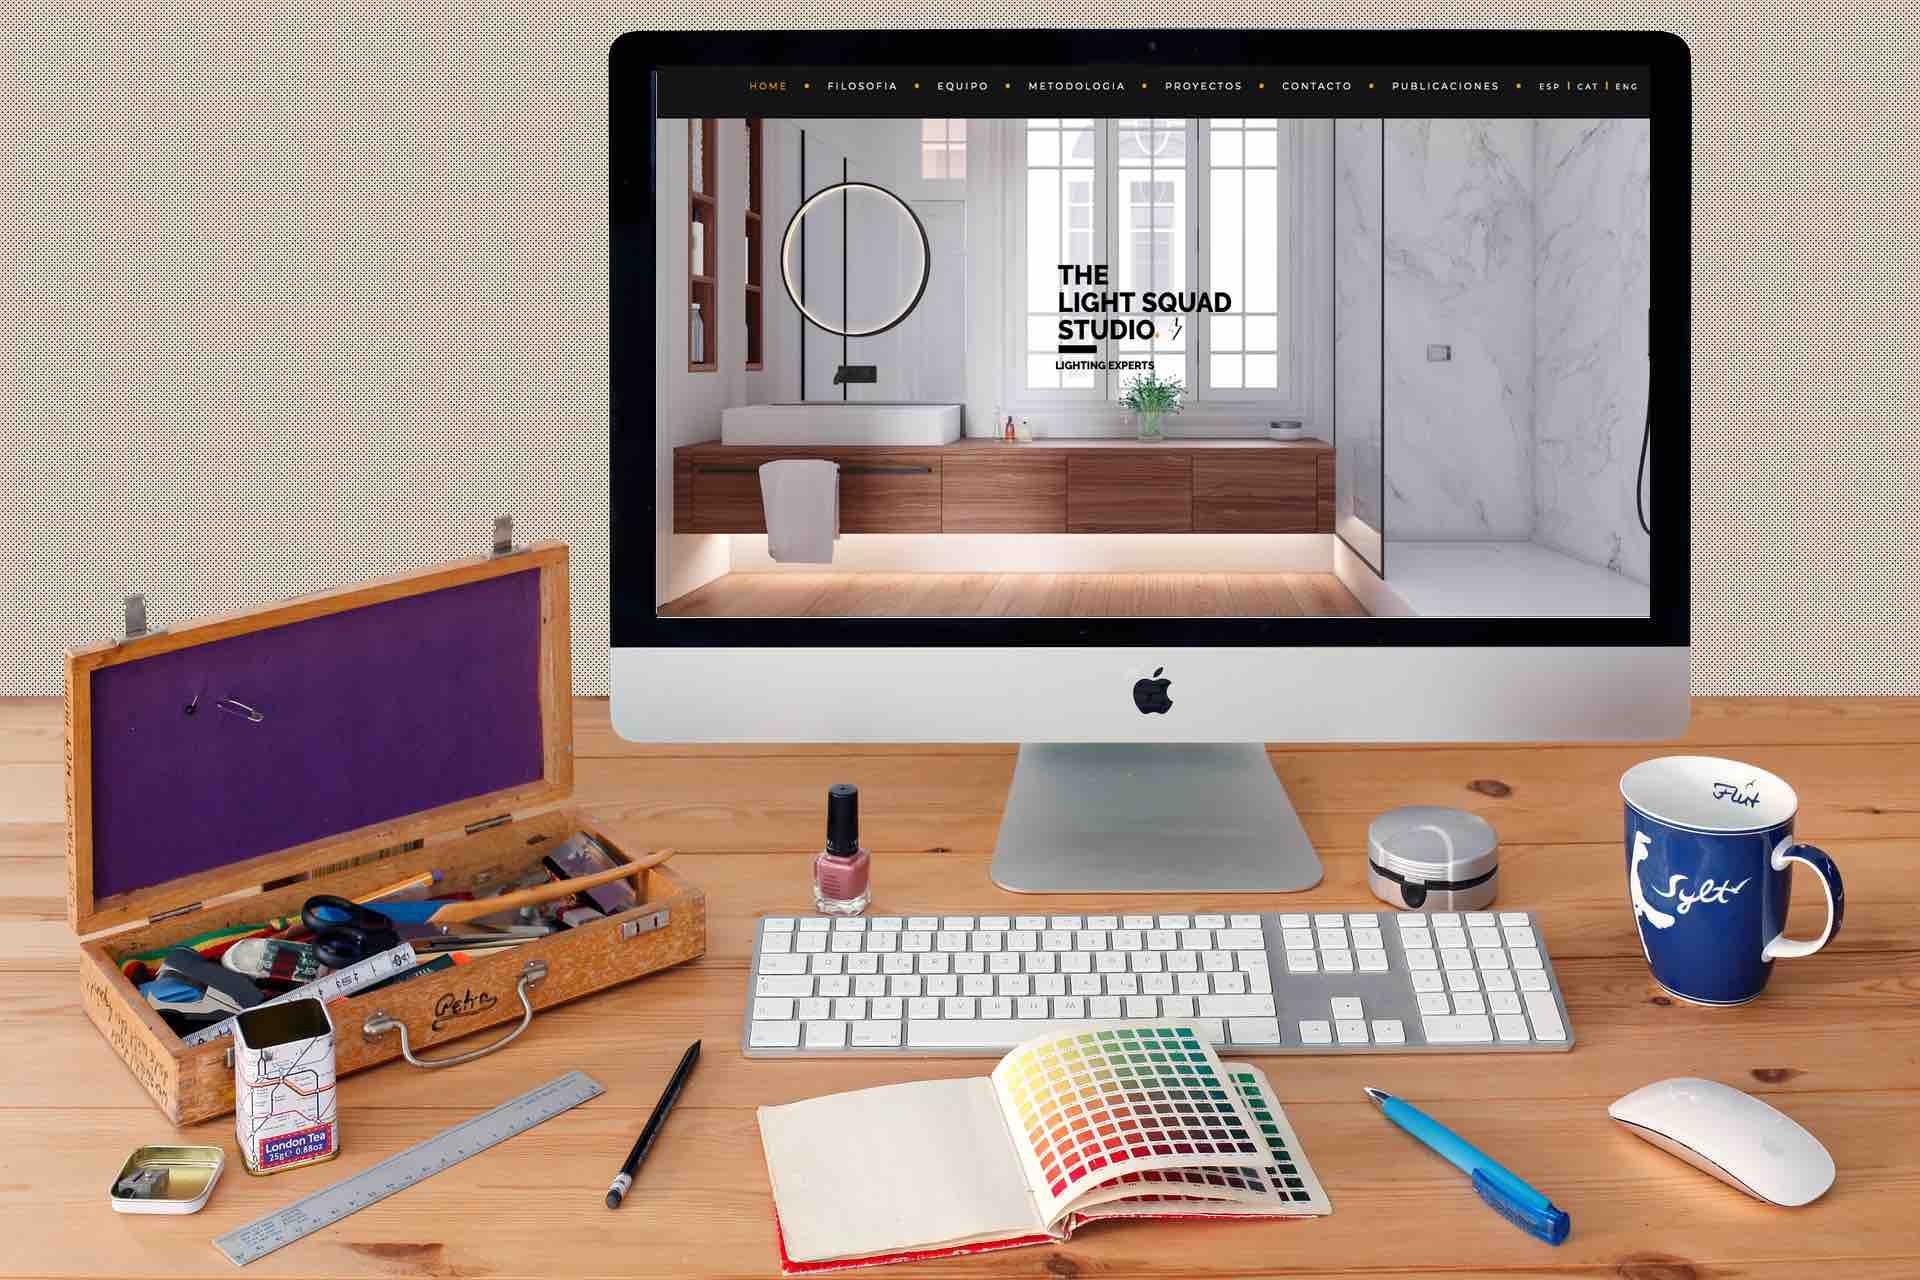 poyecto de hosting y creación de web